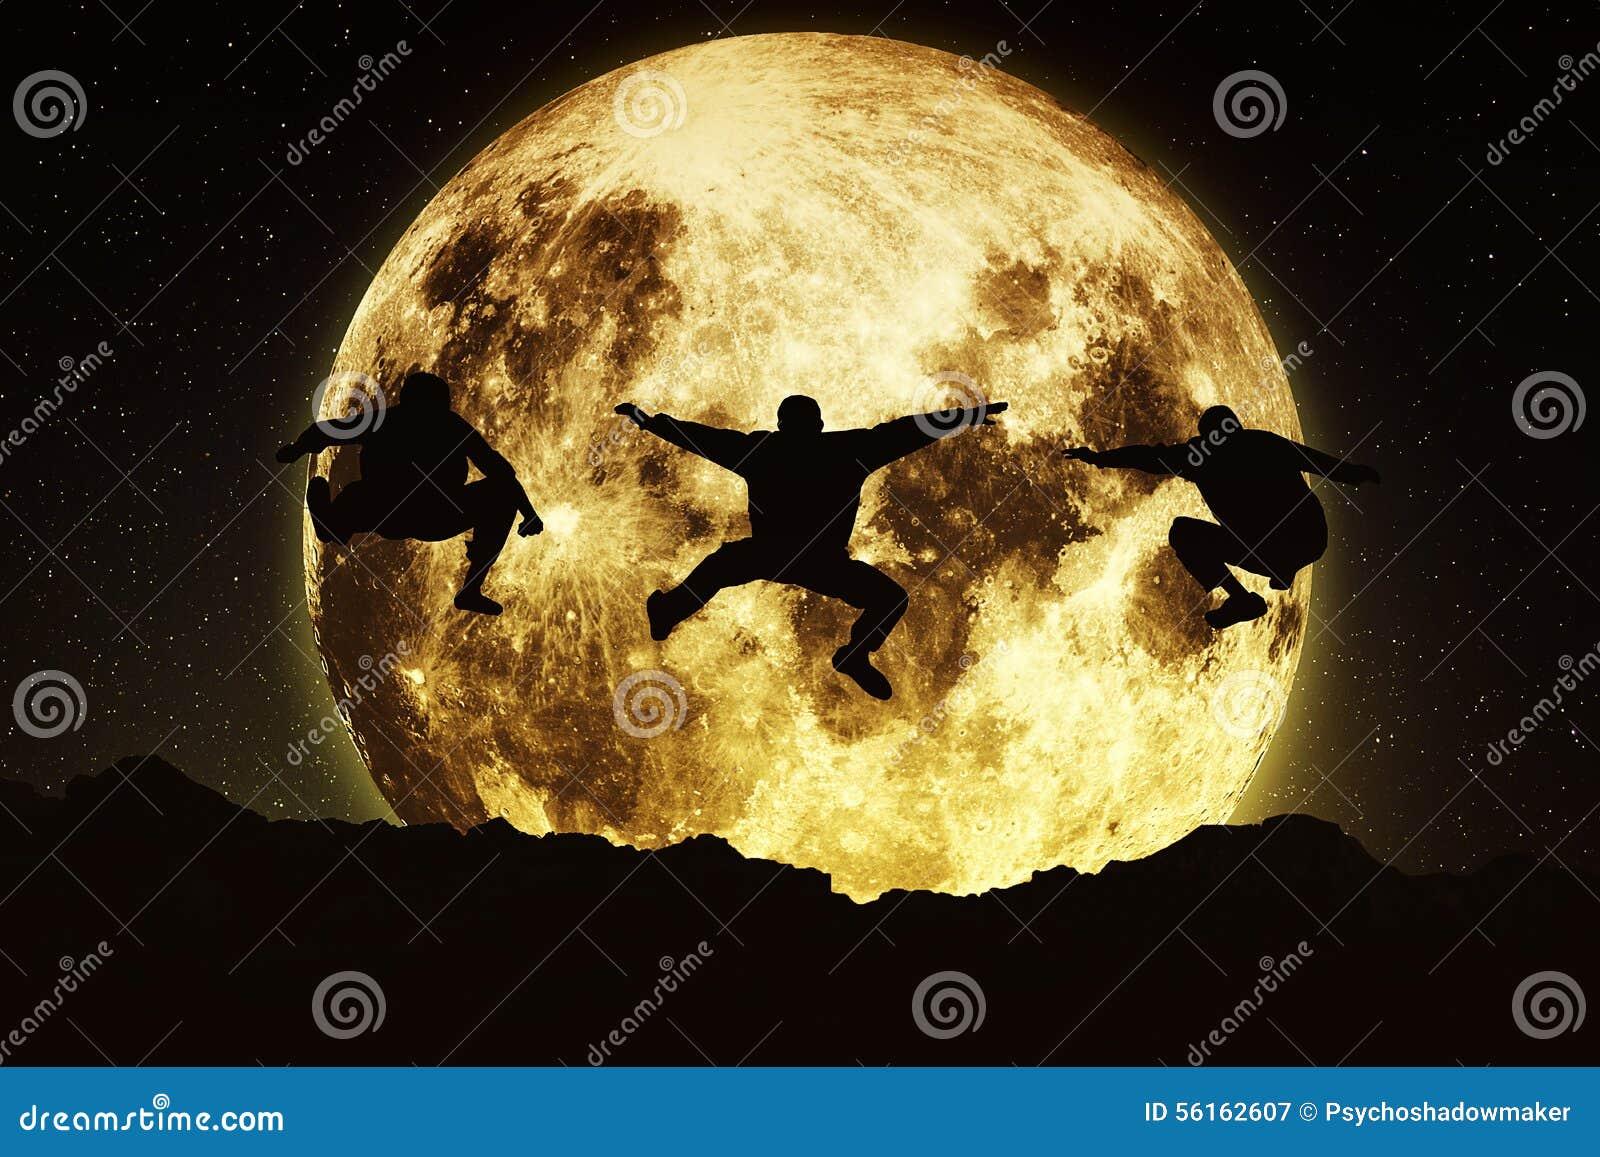 Księżyc freeruners